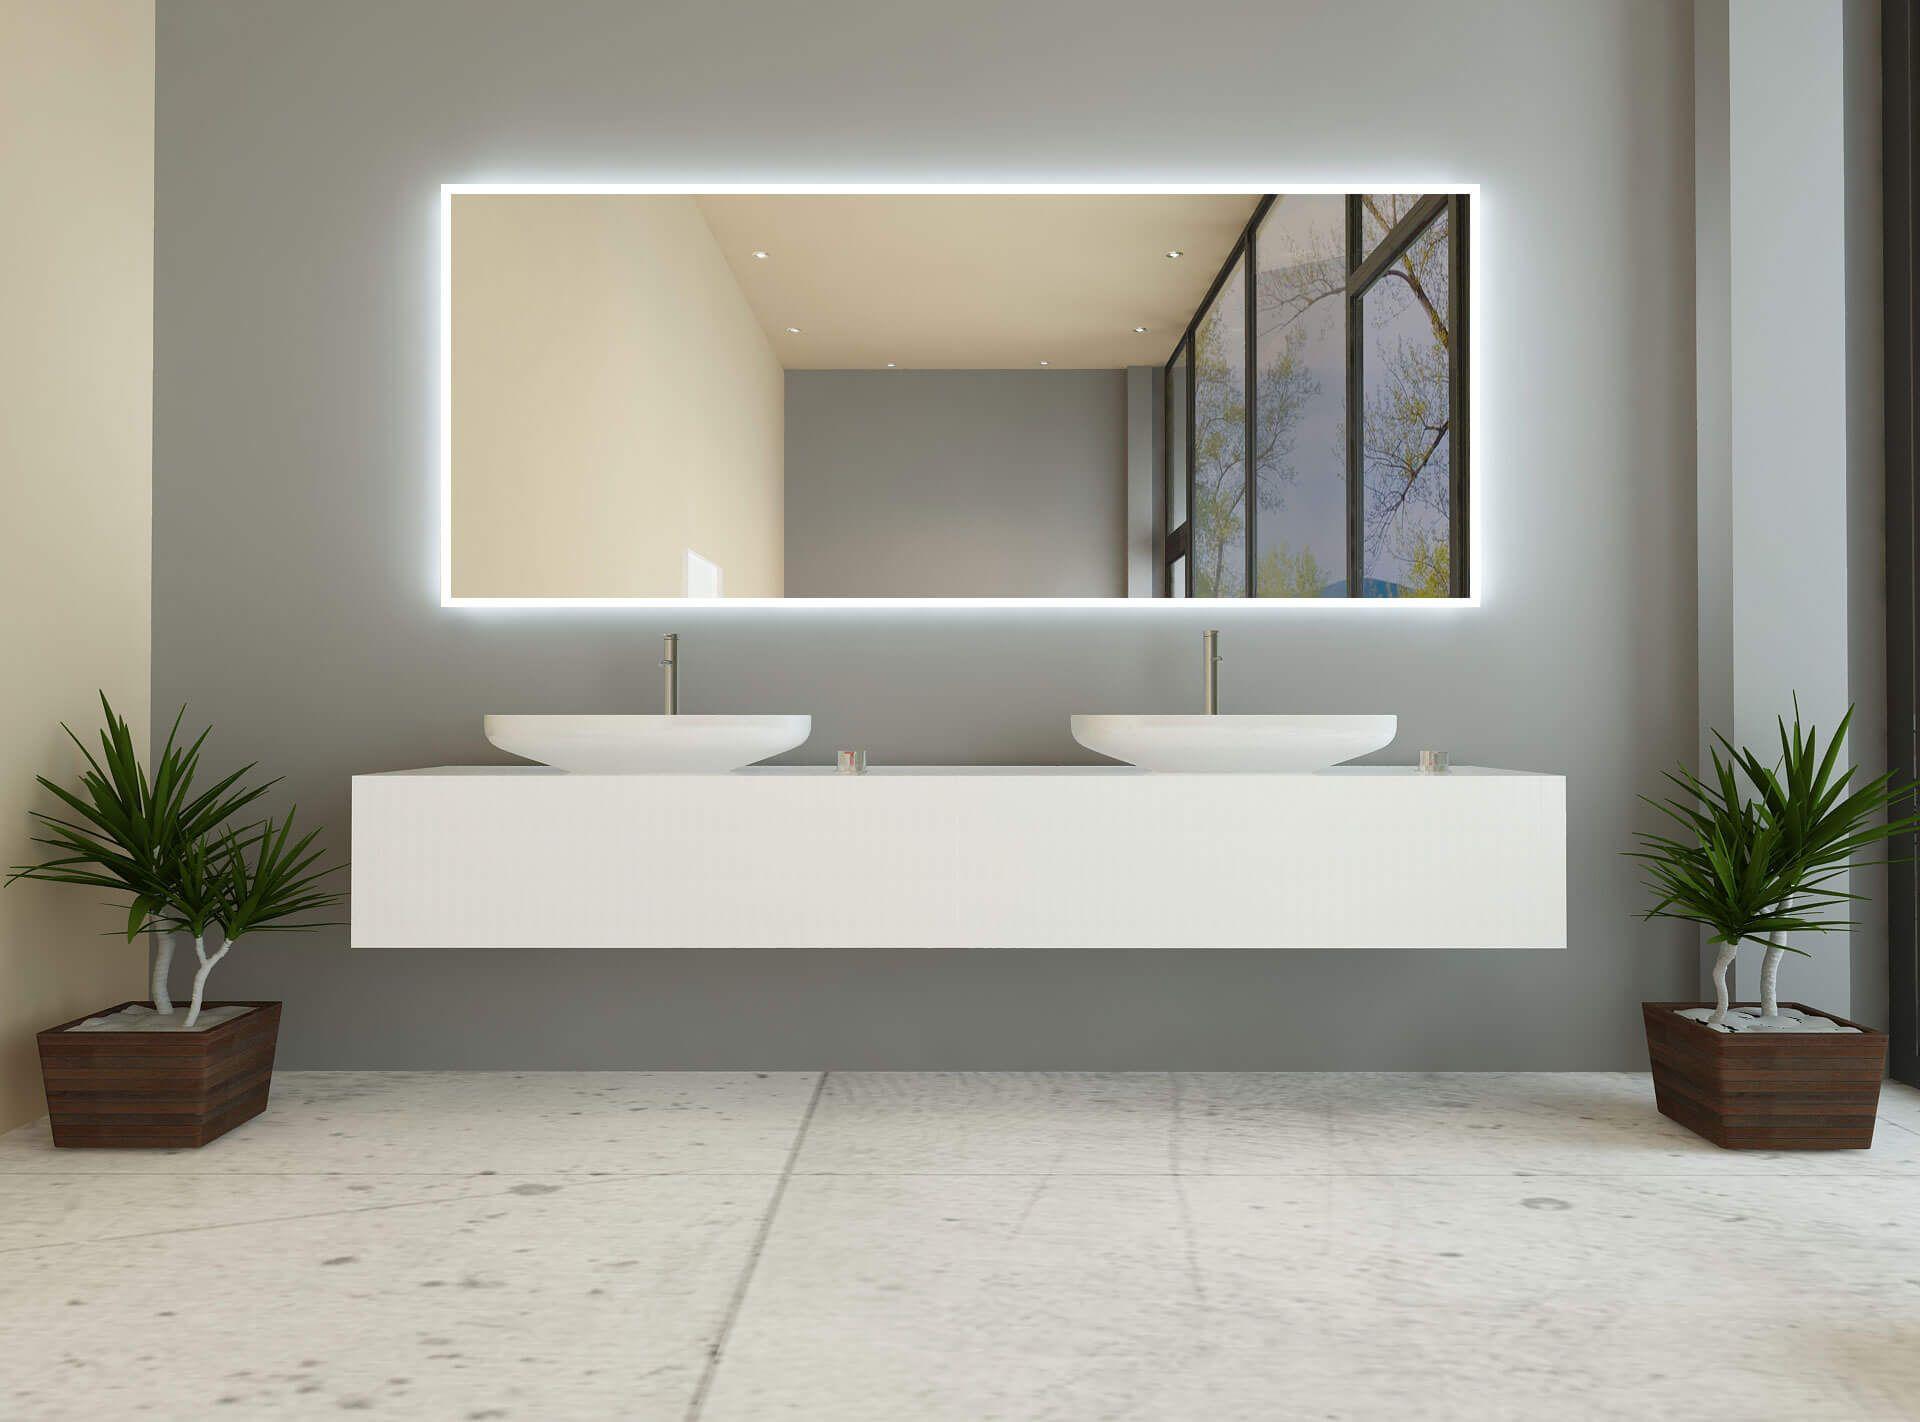 Jerome Badspiegel Bad Spiegel Beleuchtung Badezimmerspiegel